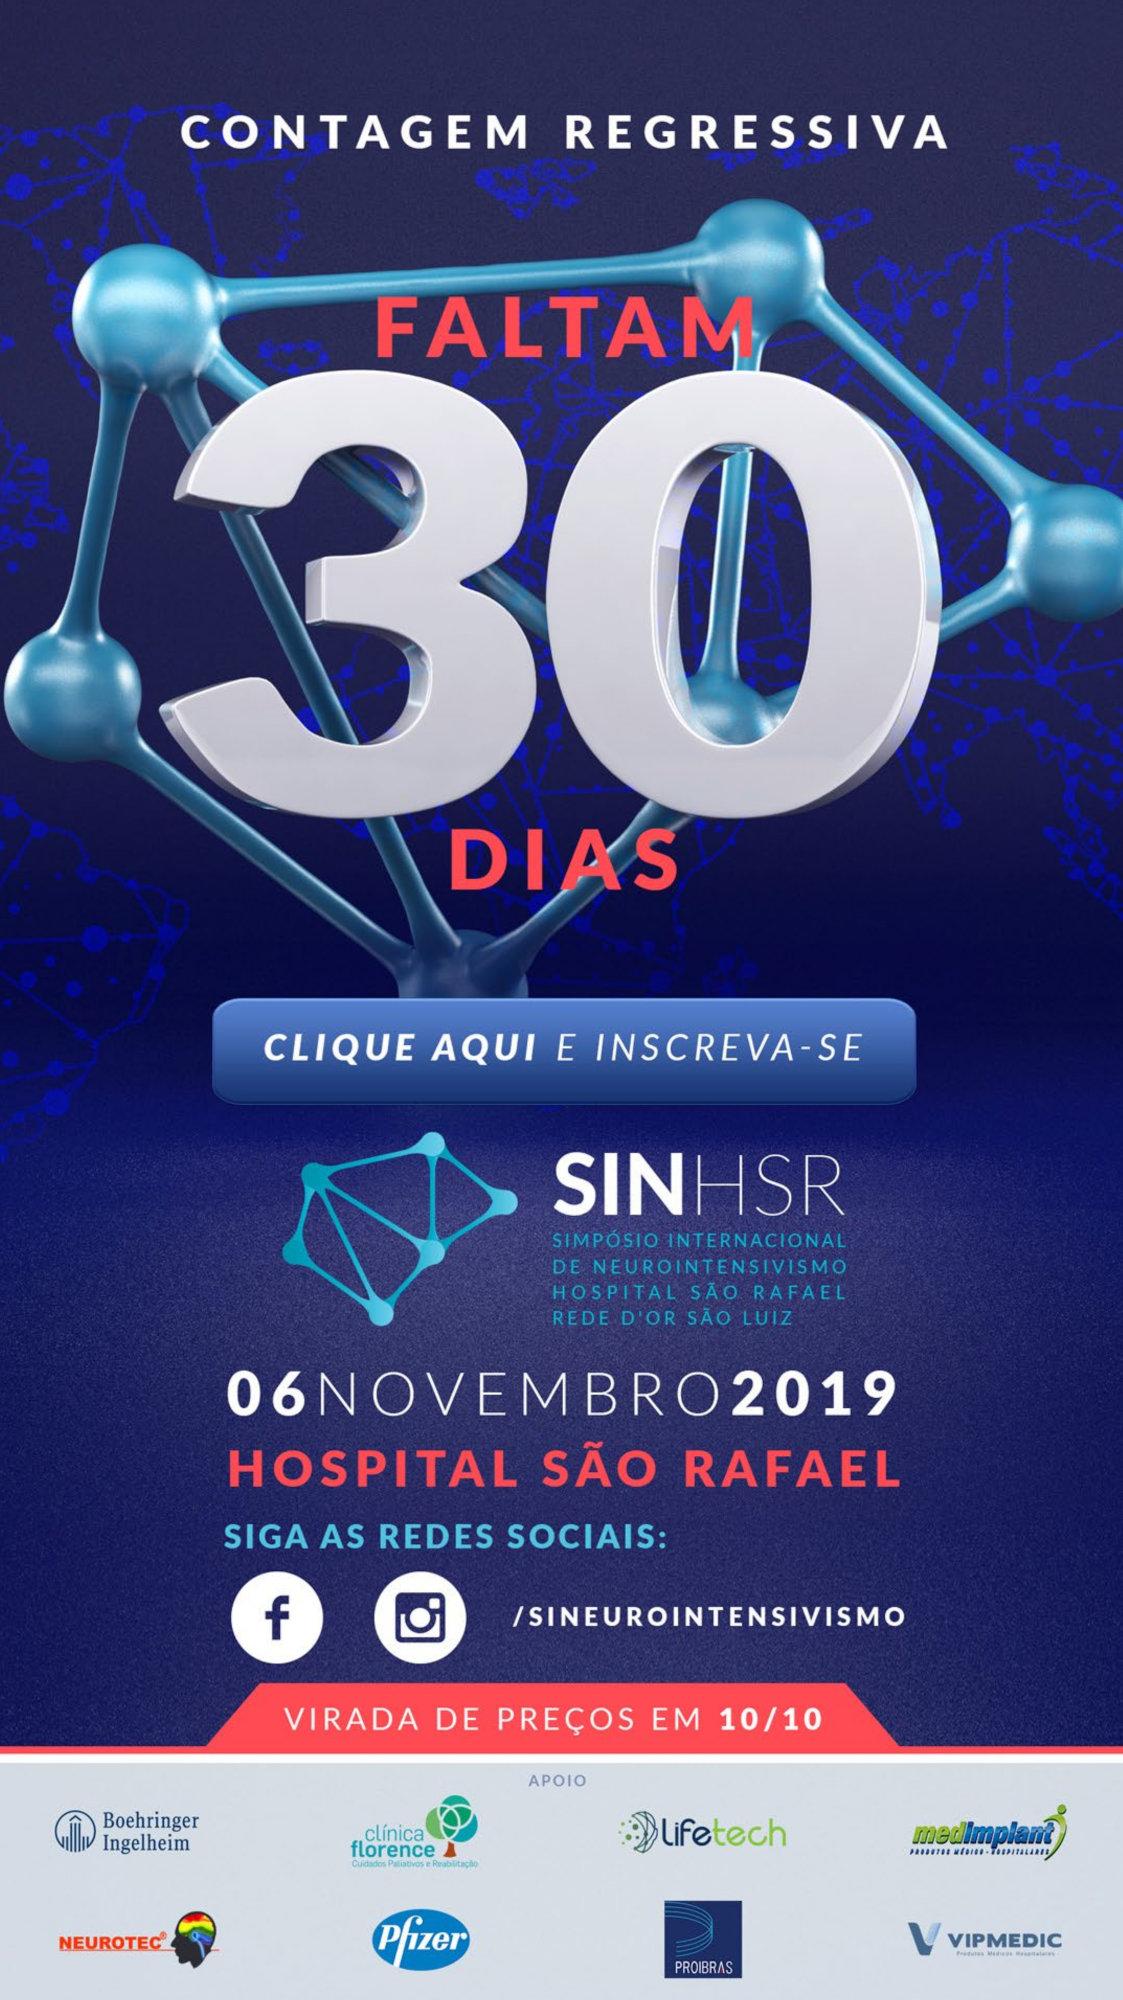 Simpósio Internacional de Neurointensivismo do Hospital São Rafael